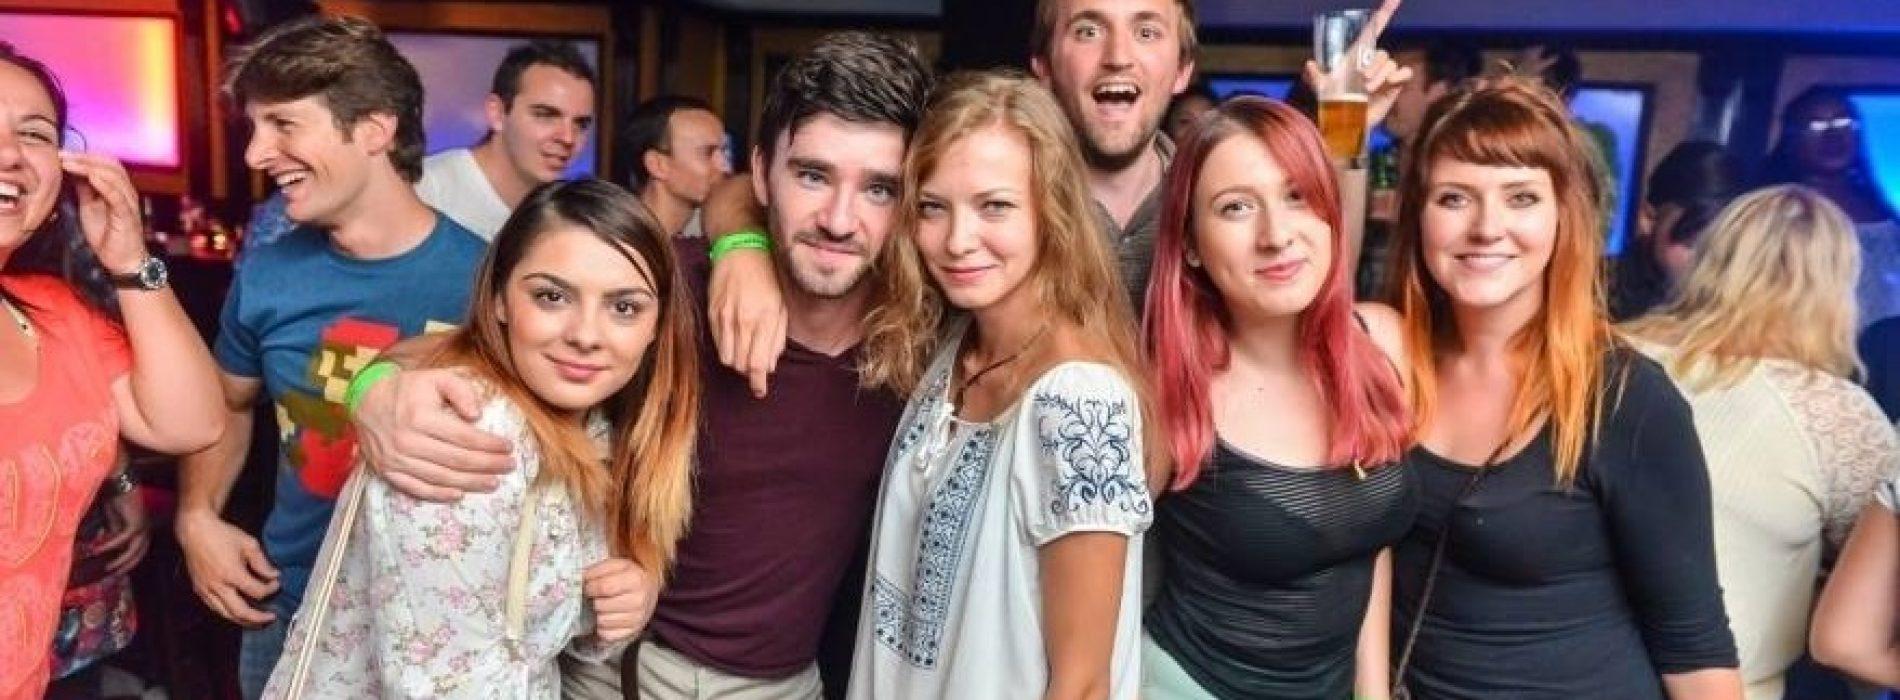 Pub crawl, excursii prin puburile și barurile din București